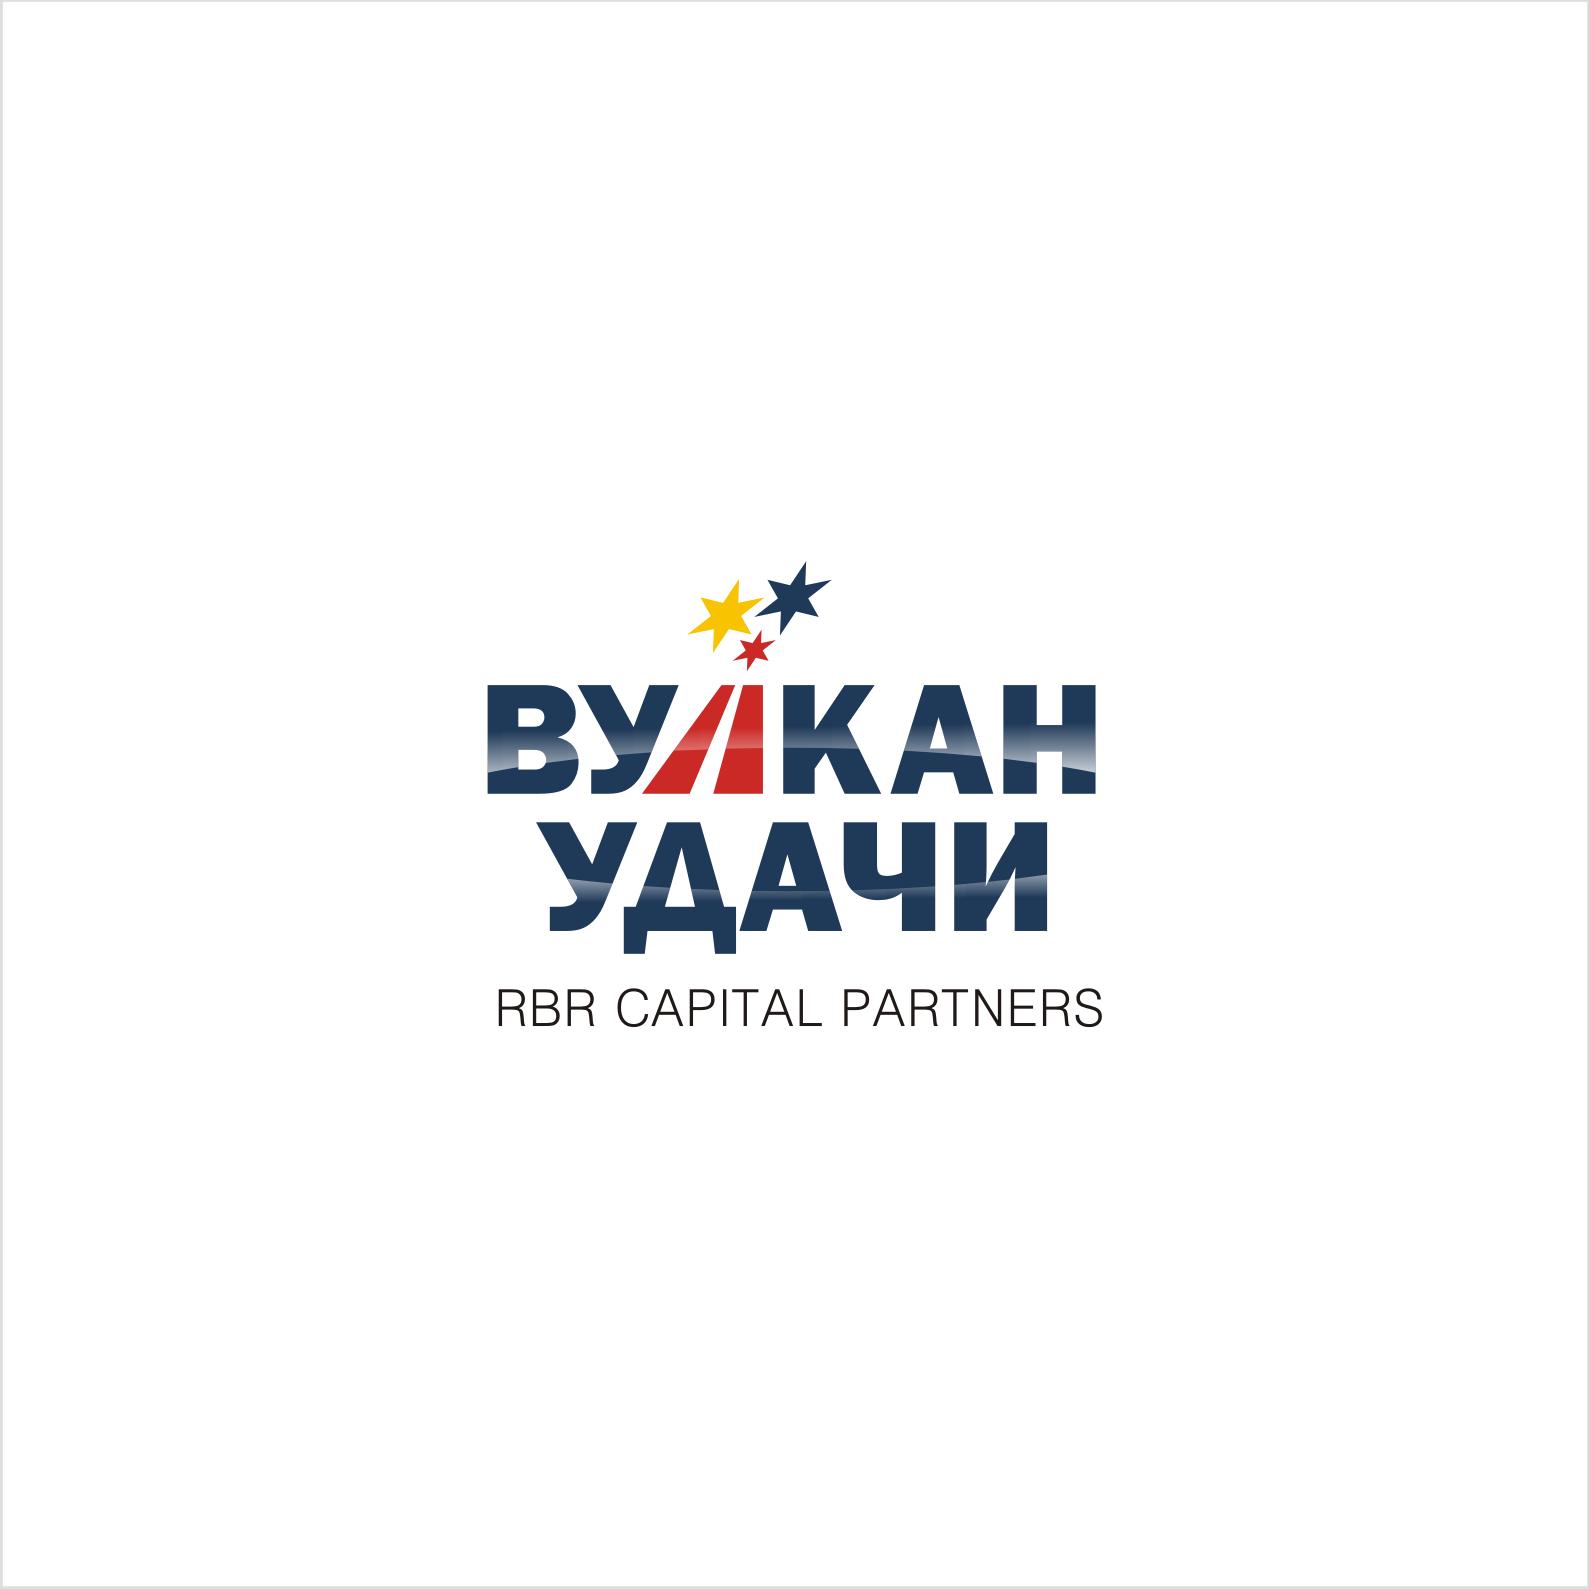 Разработка логотипа для брокерской компании ВУЛКАН УДАЧИ фото f_474519e92712ce53.png